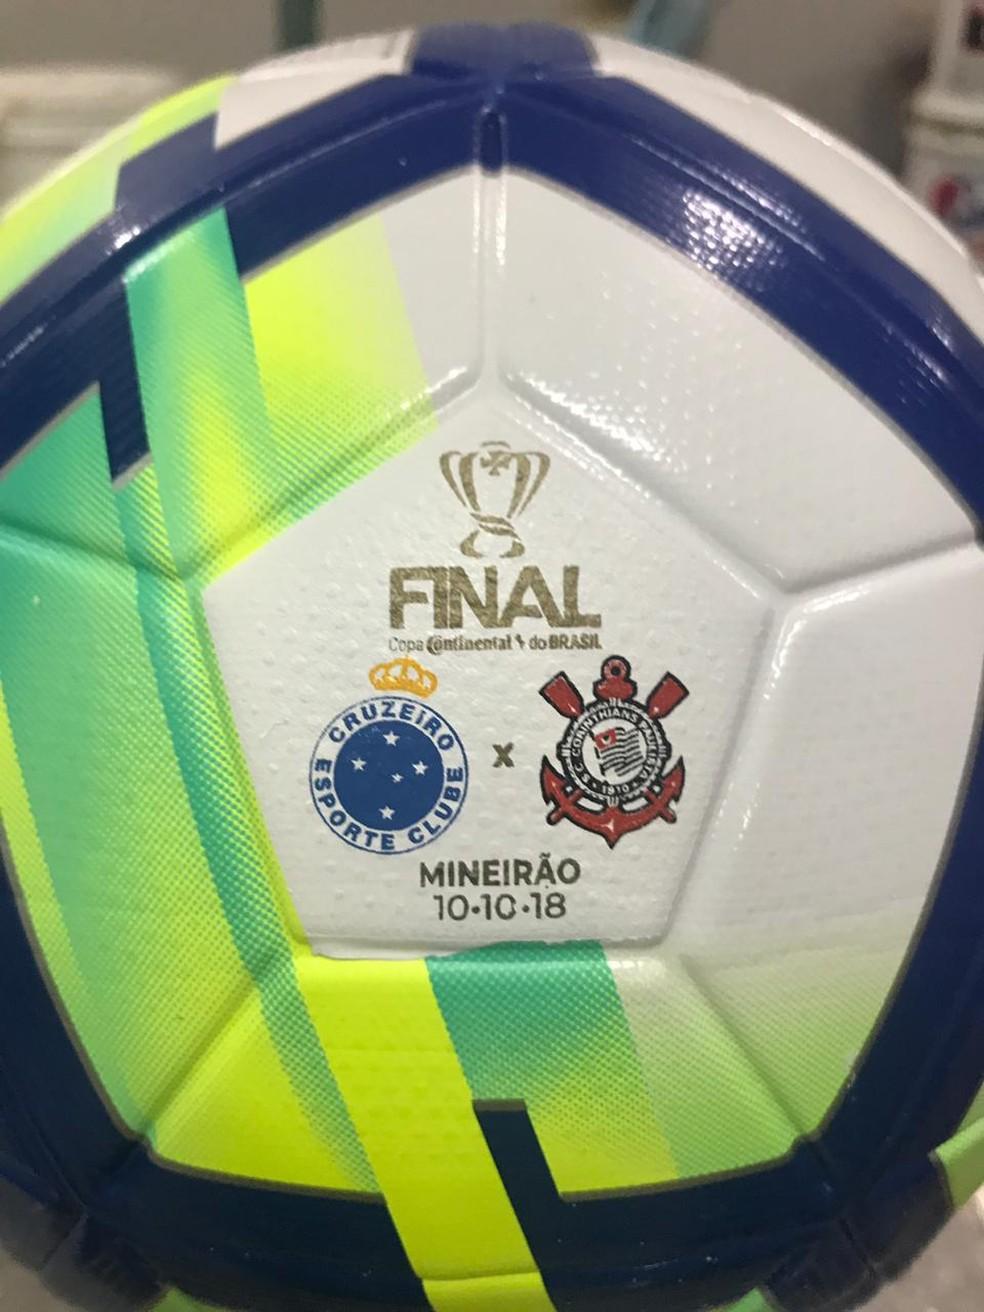 Detalhe da bola que será utilizada na final da Copa do Brasil — Foto: GloboEsporte.com